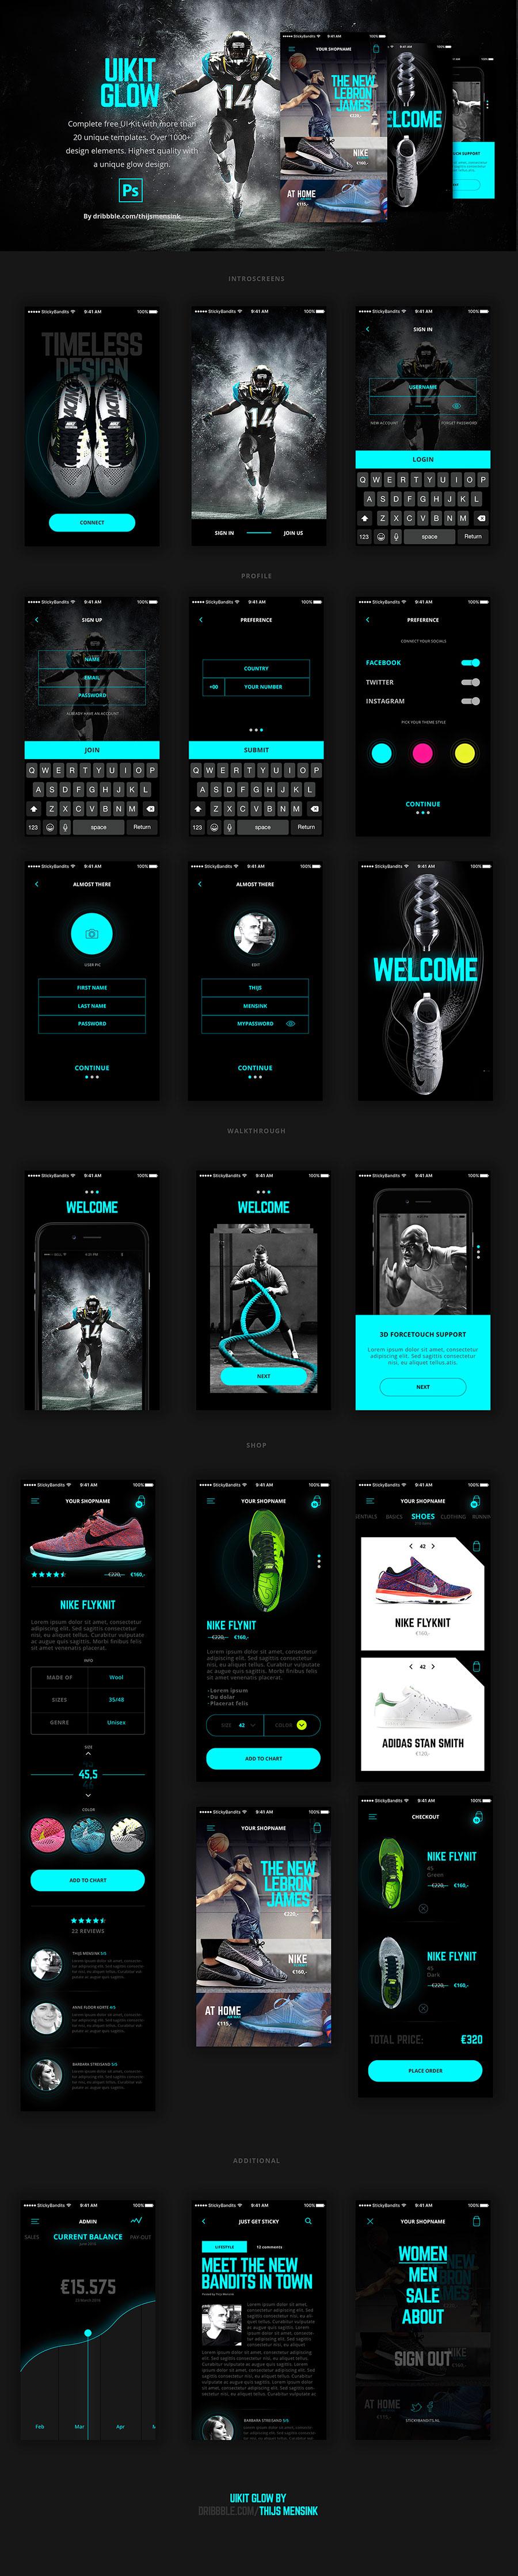 酷炫的运动相关手机APP UI KITS套装下载[PSD]设计素材模板